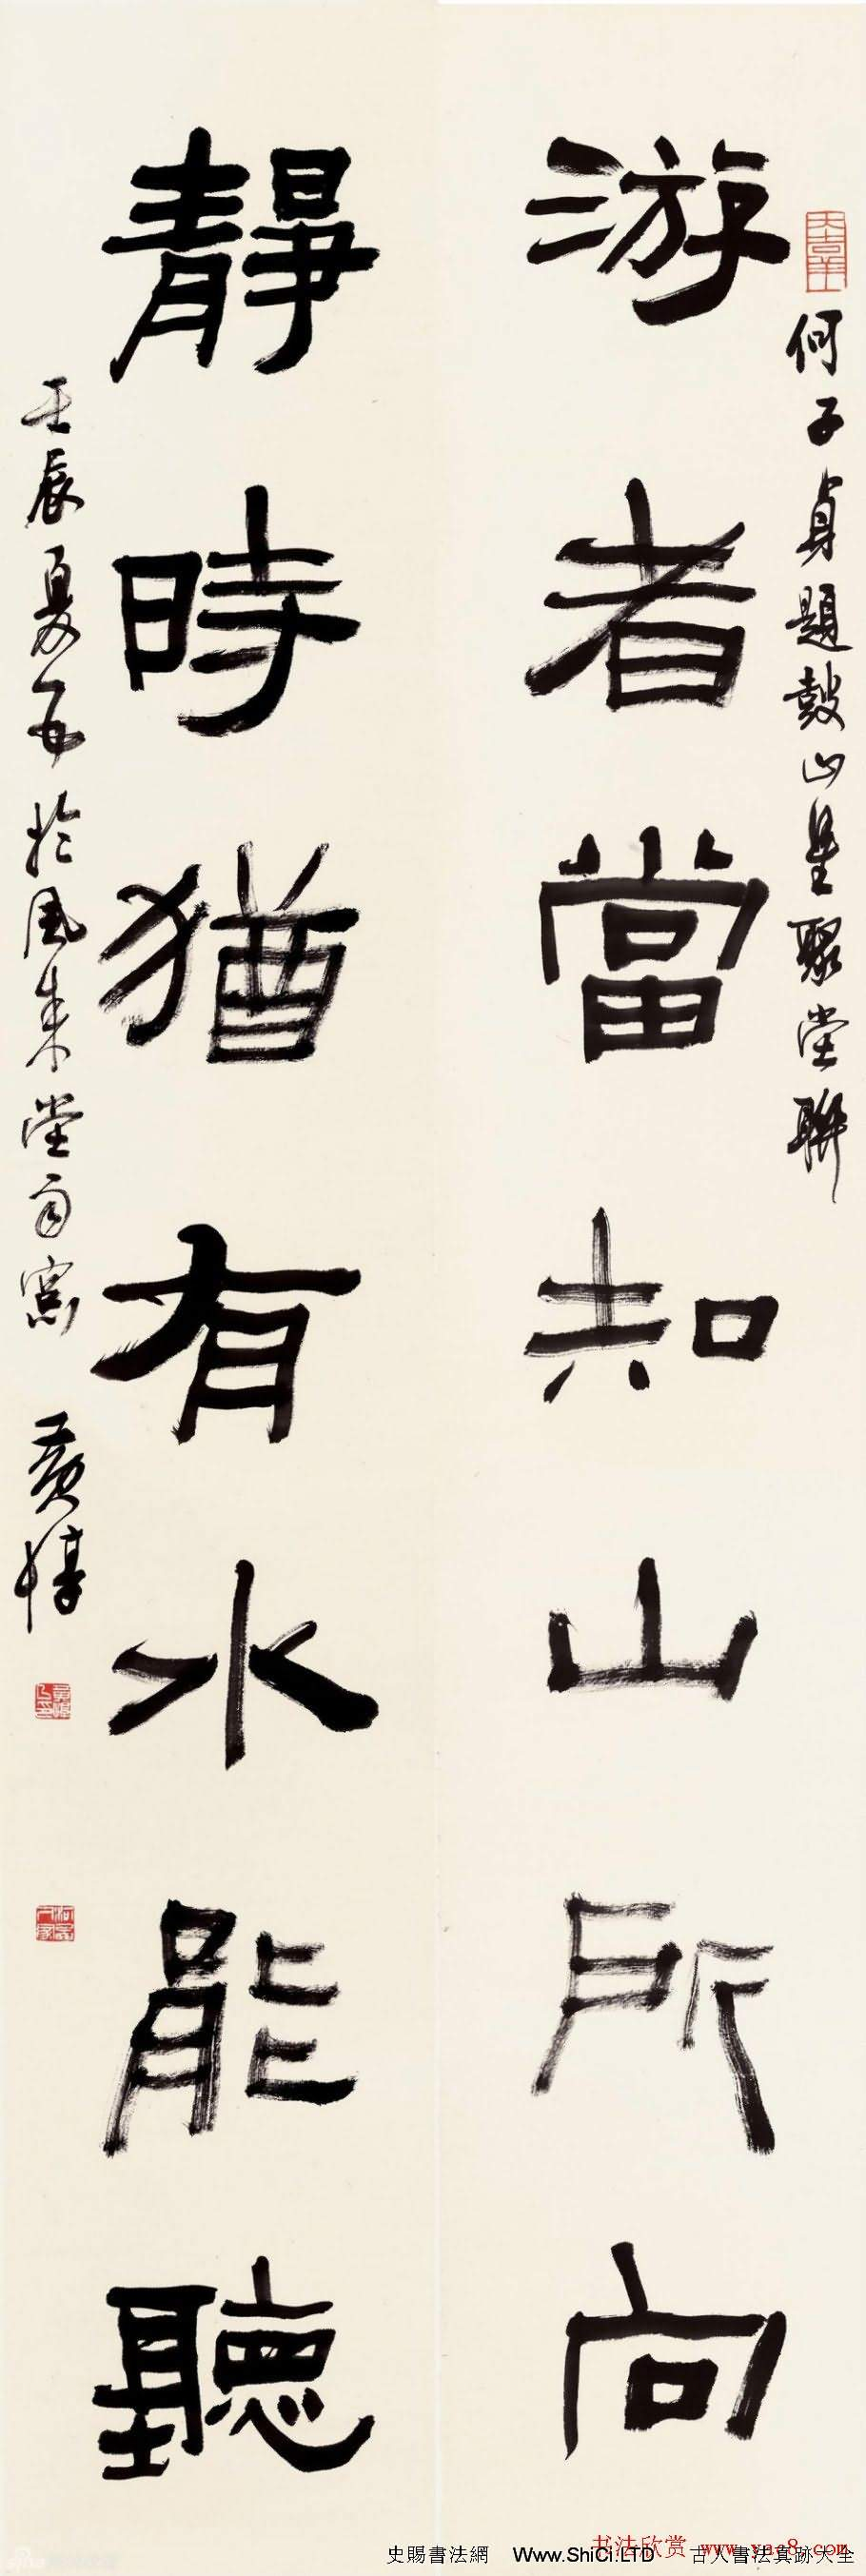 江蘇黃惇書法作品欣賞